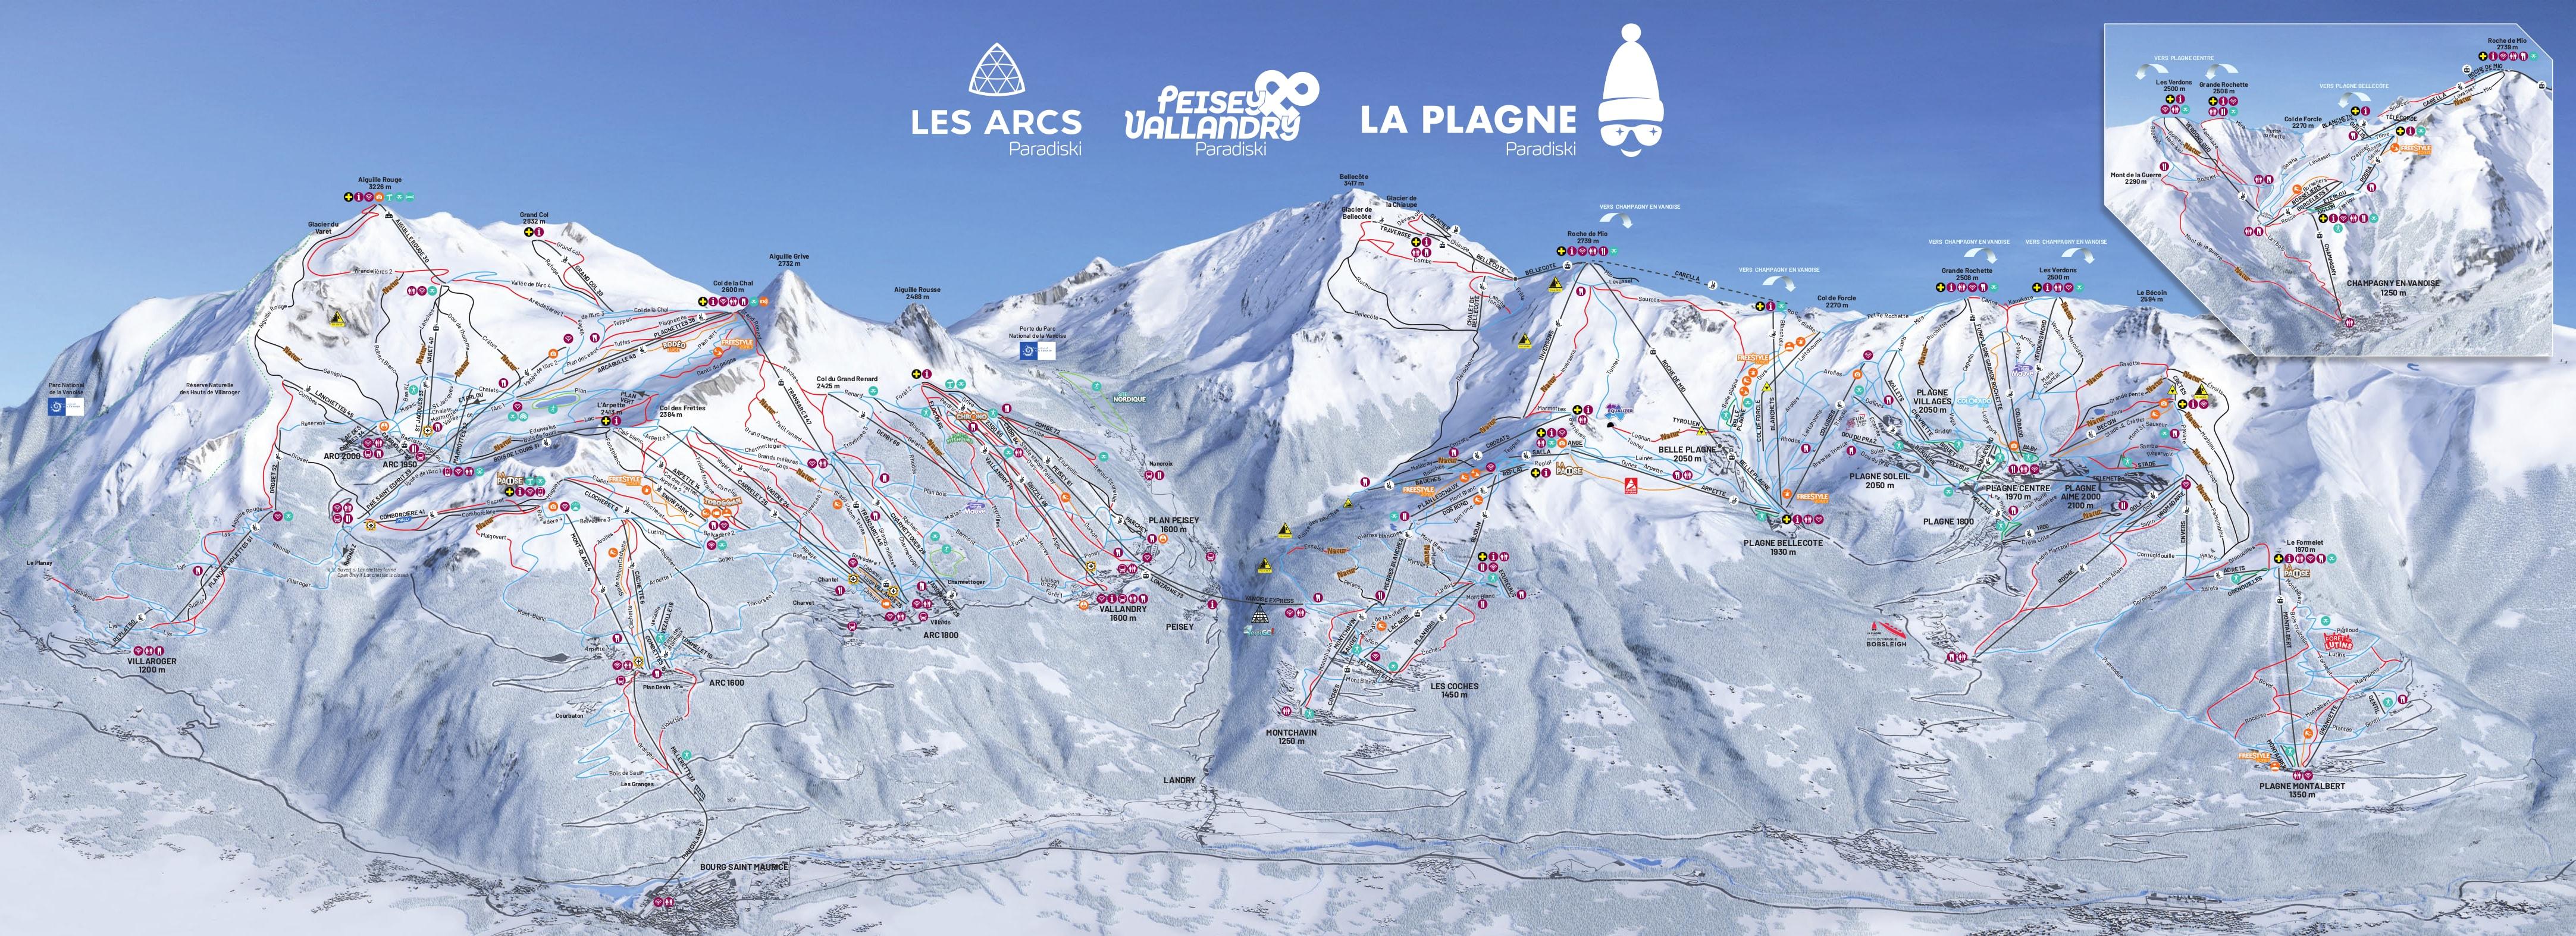 Les Arcs Piste / Trail Map